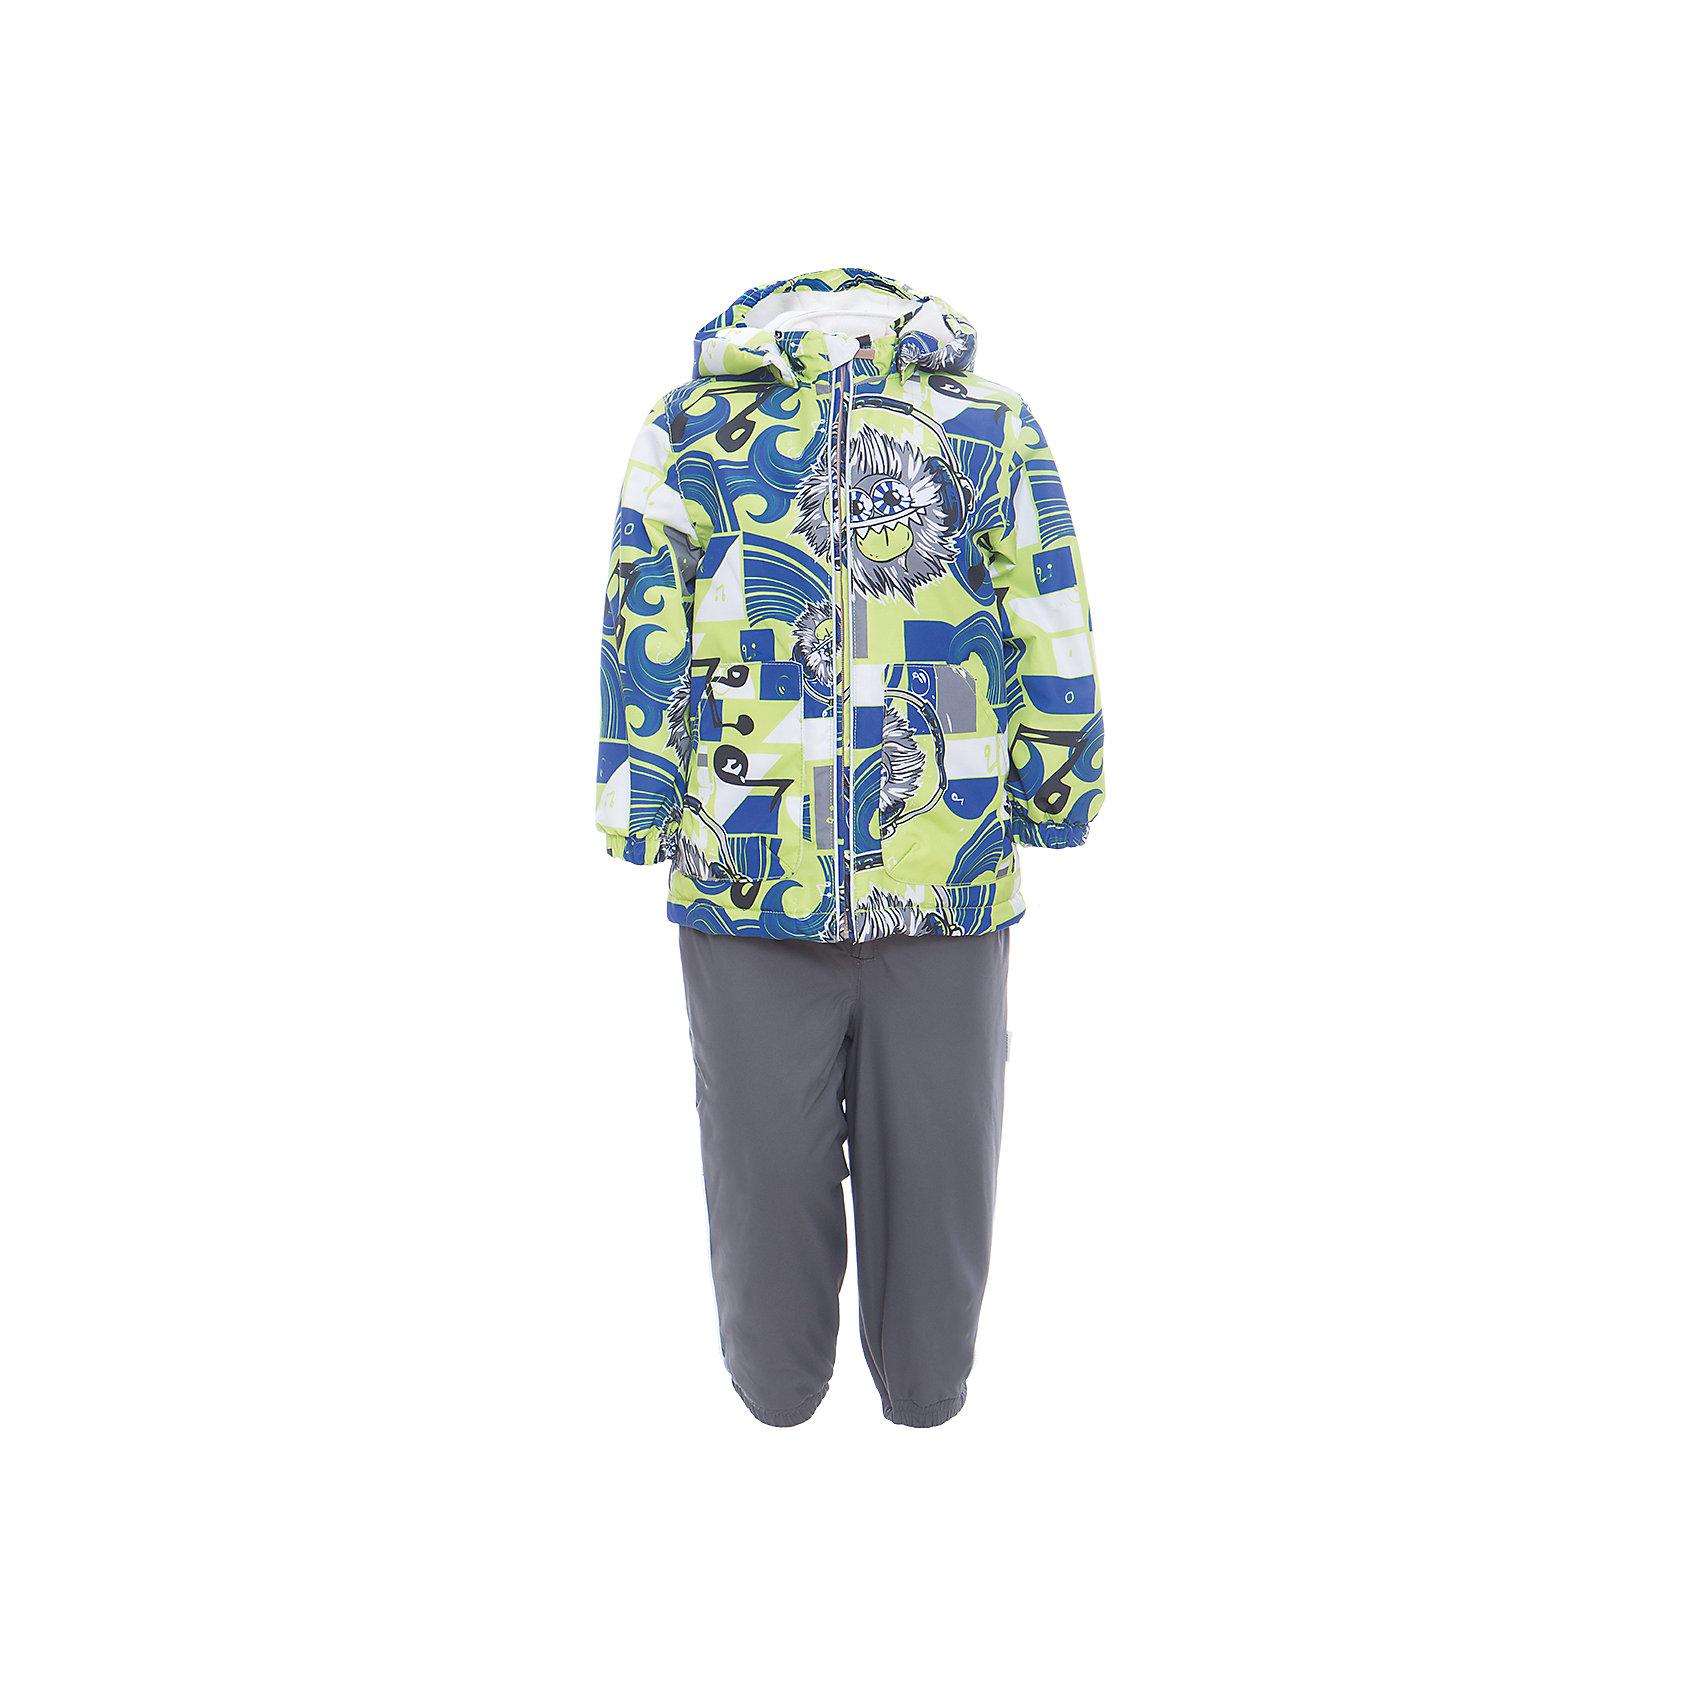 Комплект: куртка и полукомбинезон для мальчика CARLO HuppaВерхняя одежда<br>Характеристики товара:<br><br>• цвет: лайм принт/серый<br>• комплектация: куртка и полукомбинезон <br>• ткань: 100% полиэстер<br>• подкладка: тафта - 100% полиэстер<br>• утеплитель: 100% полиэстер; куртка 100 г, полукомбинезон 40 г<br>• температурный режим: от -5°С до +10°С<br>• водонепроницаемость: 10000 мм<br>• воздухопроницаемость: 10000 мм<br>• светоотражающие детали<br>• шов сидения проклеен<br>• съёмный капюшон с резинкой<br>• эластичные манжеты на рукавах<br>• манжеты брюк с резинкой<br>• съёмные эластичные штрипки<br>• без внутренних швов<br>• резиновые подтяжки<br>• коллекция: весна-лето 2017<br>• страна бренда: Эстония<br><br>Такой модный демисезонный комплект  обеспечит детям тепло и комфорт. Он сделан из материала, отталкивающего воду, и дополнен подкладкой с утеплителем, поэтому изделие идеально подходит для межсезонья. Материал изделий - с мембранной технологией: защищая от влаги и ветра, он легко выводит лишнюю влагу наружу. Комплект очень симпатично смотрится. <br><br>Одежда и обувь от популярного эстонского бренда Huppa - отличный вариант одеть ребенка можно и комфортно. Вещи, выпускаемые компанией, качественные, продуманные и очень удобные. Для производства изделий используются только безопасные для детей материалы. Продукция от Huppa порадует и детей, и их родителей!<br><br>Комплект: куртка и полукомбинезон для мальчика CARLO от бренда Huppa (Хуппа) можно купить в нашем интернет-магазине.<br><br>Ширина мм: 356<br>Глубина мм: 10<br>Высота мм: 245<br>Вес г: 519<br>Цвет: зеленый<br>Возраст от месяцев: 12<br>Возраст до месяцев: 18<br>Пол: Мужской<br>Возраст: Детский<br>Размер: 86,92,98,104,110,80<br>SKU: 5346718